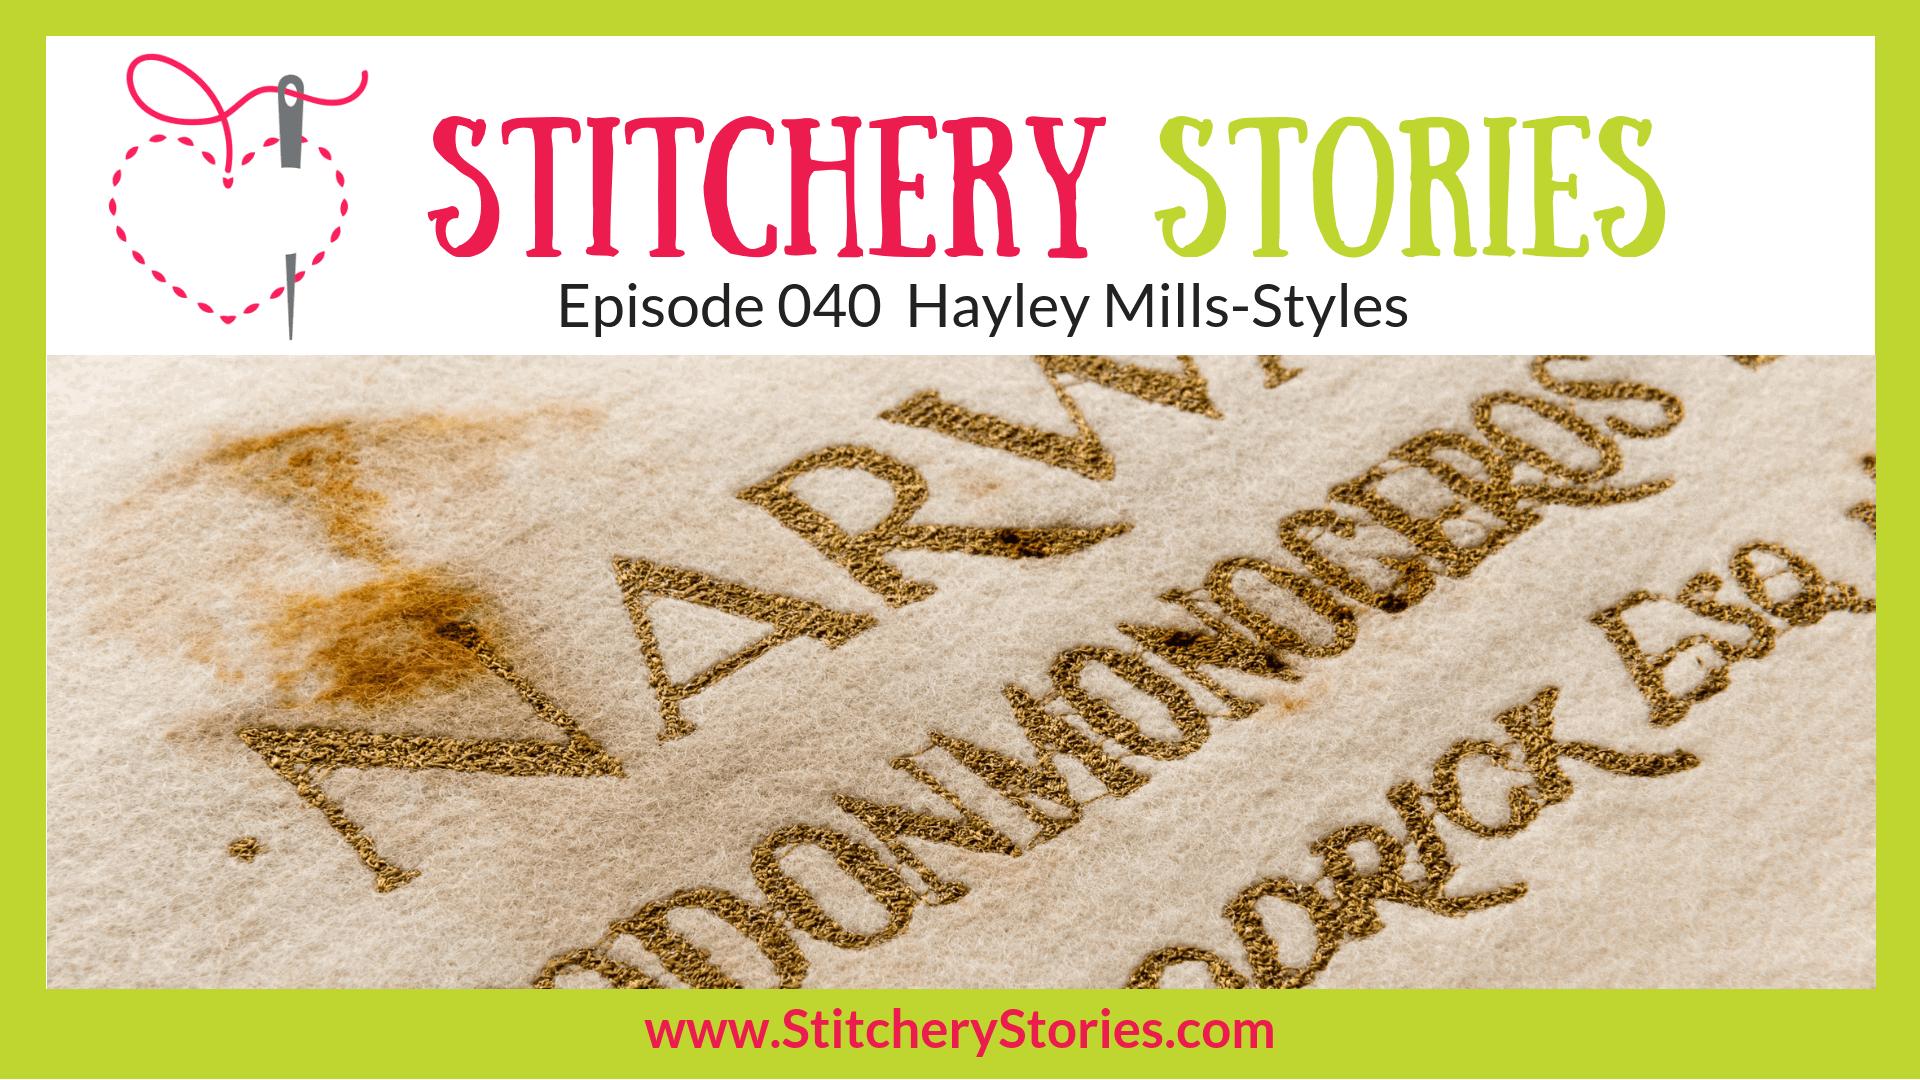 Hayley Mills-Styles Thread Artist Stitchery Stories Textile Art Podcast Wide Art